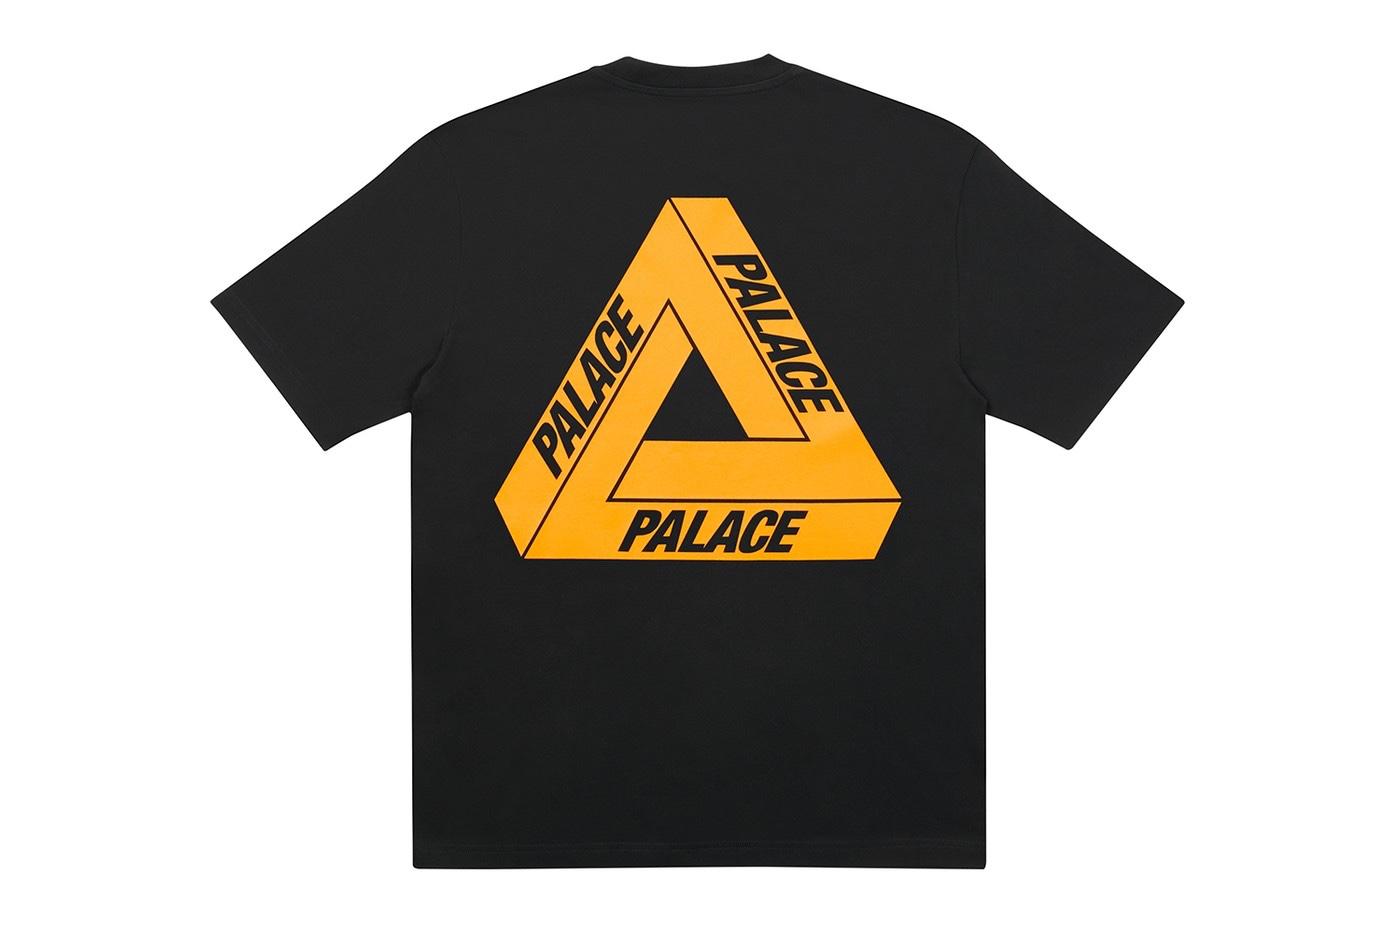 Palace T-shirt Palace Tri-To-Help